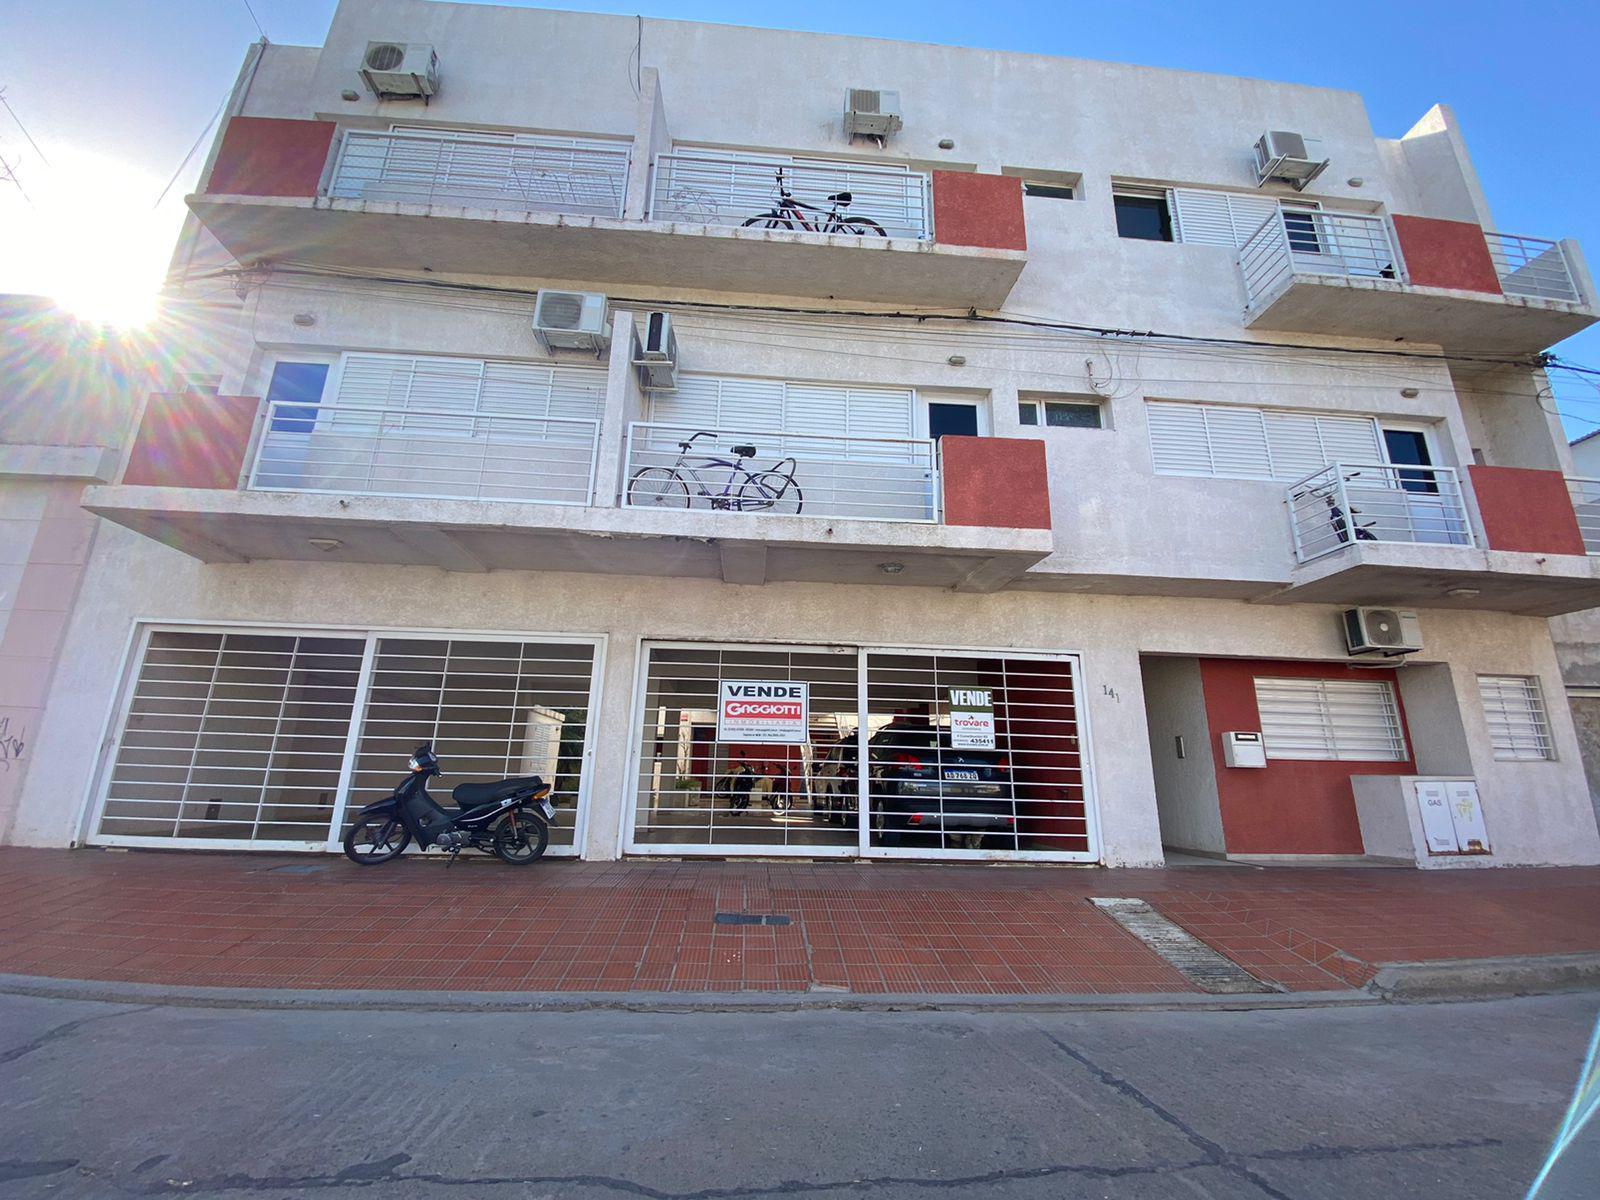 Paraguay 141 Dpto 3 - Gaggiotti Inmobiliaria cuenta con más de 50 años desde que se inicio en el negocio de los servicios inmobiliarios.